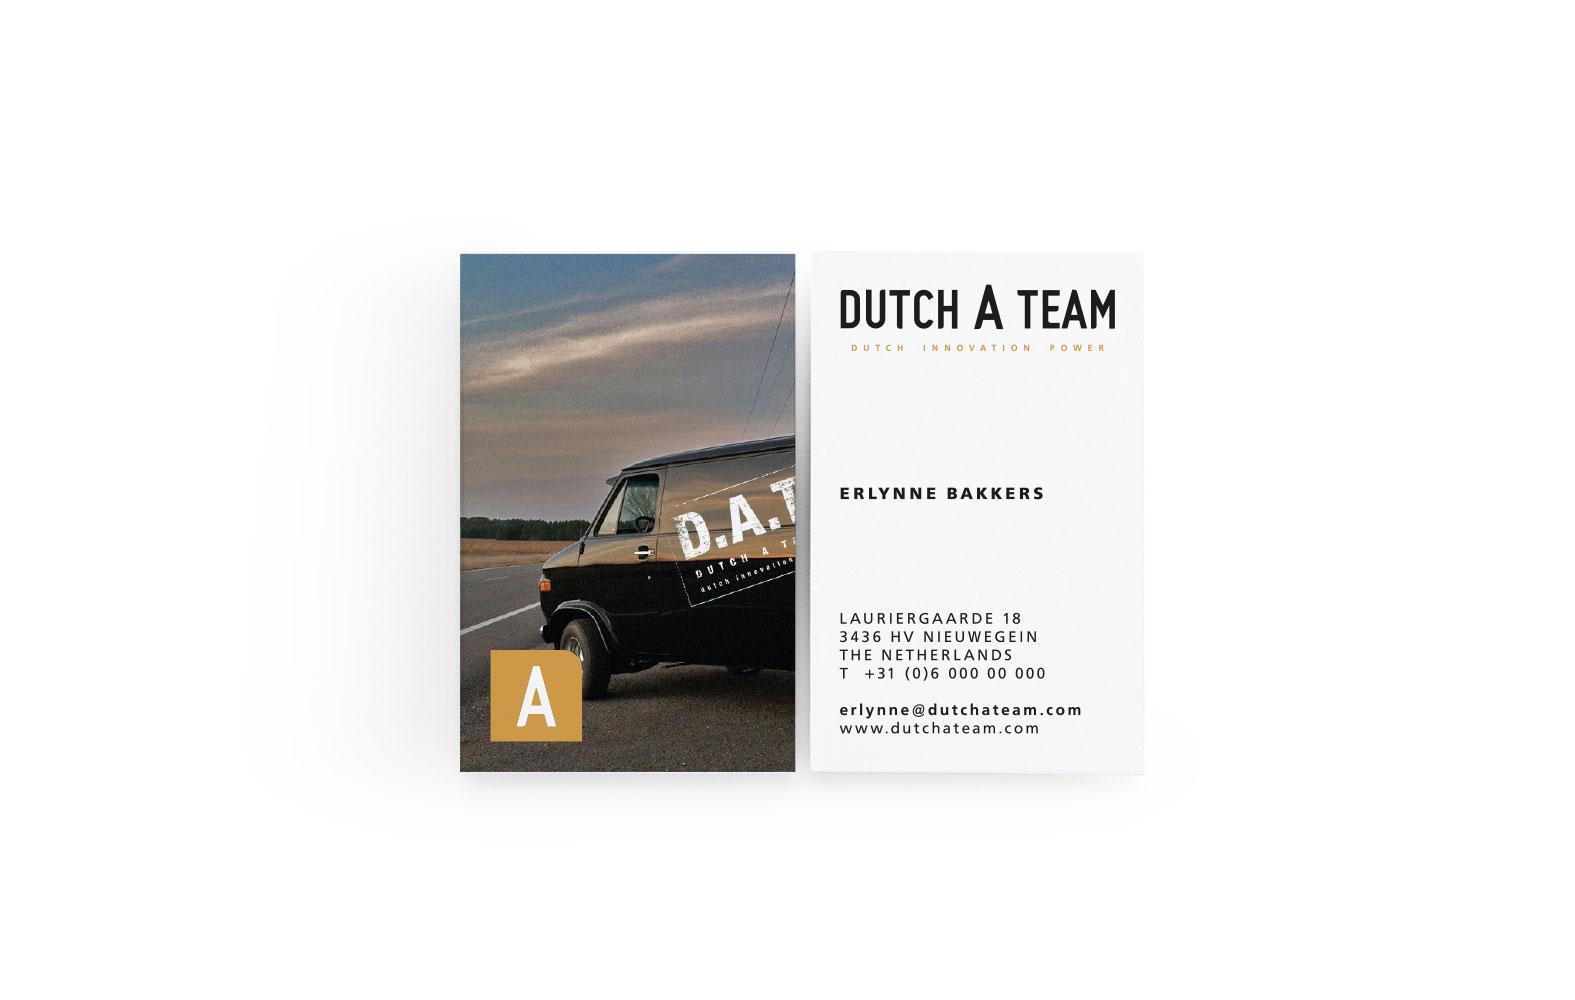 StudioErnst-DutchAteam5